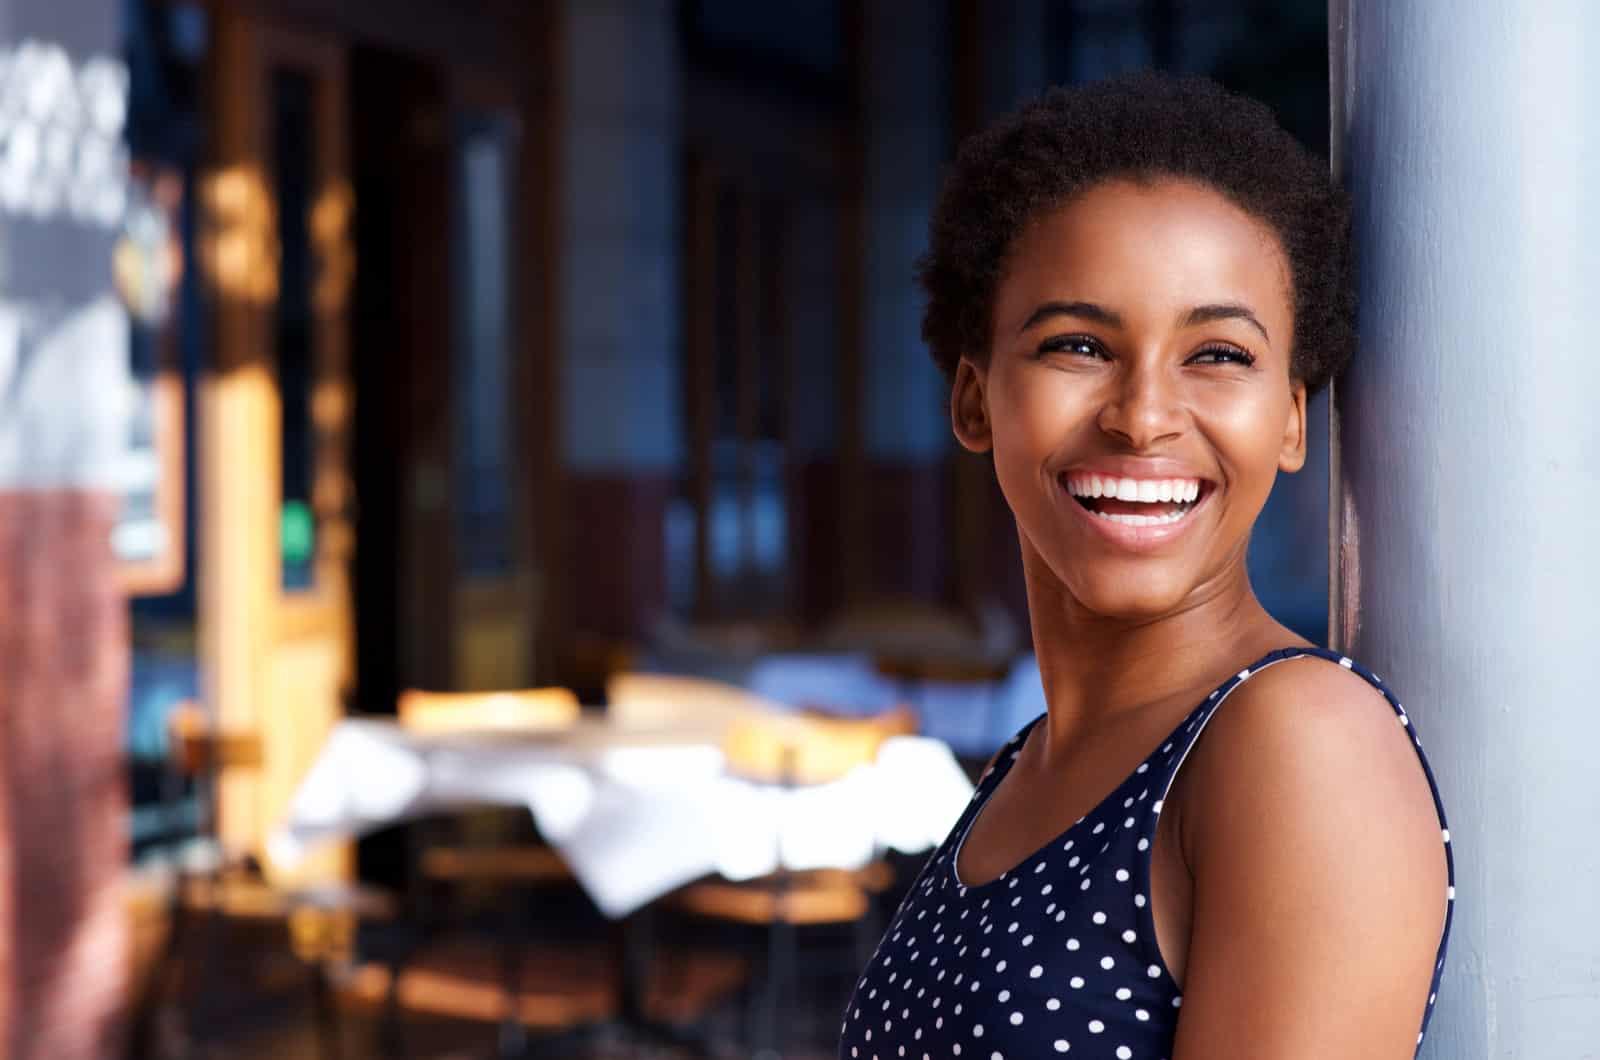 junge Frau mit großem Lächeln